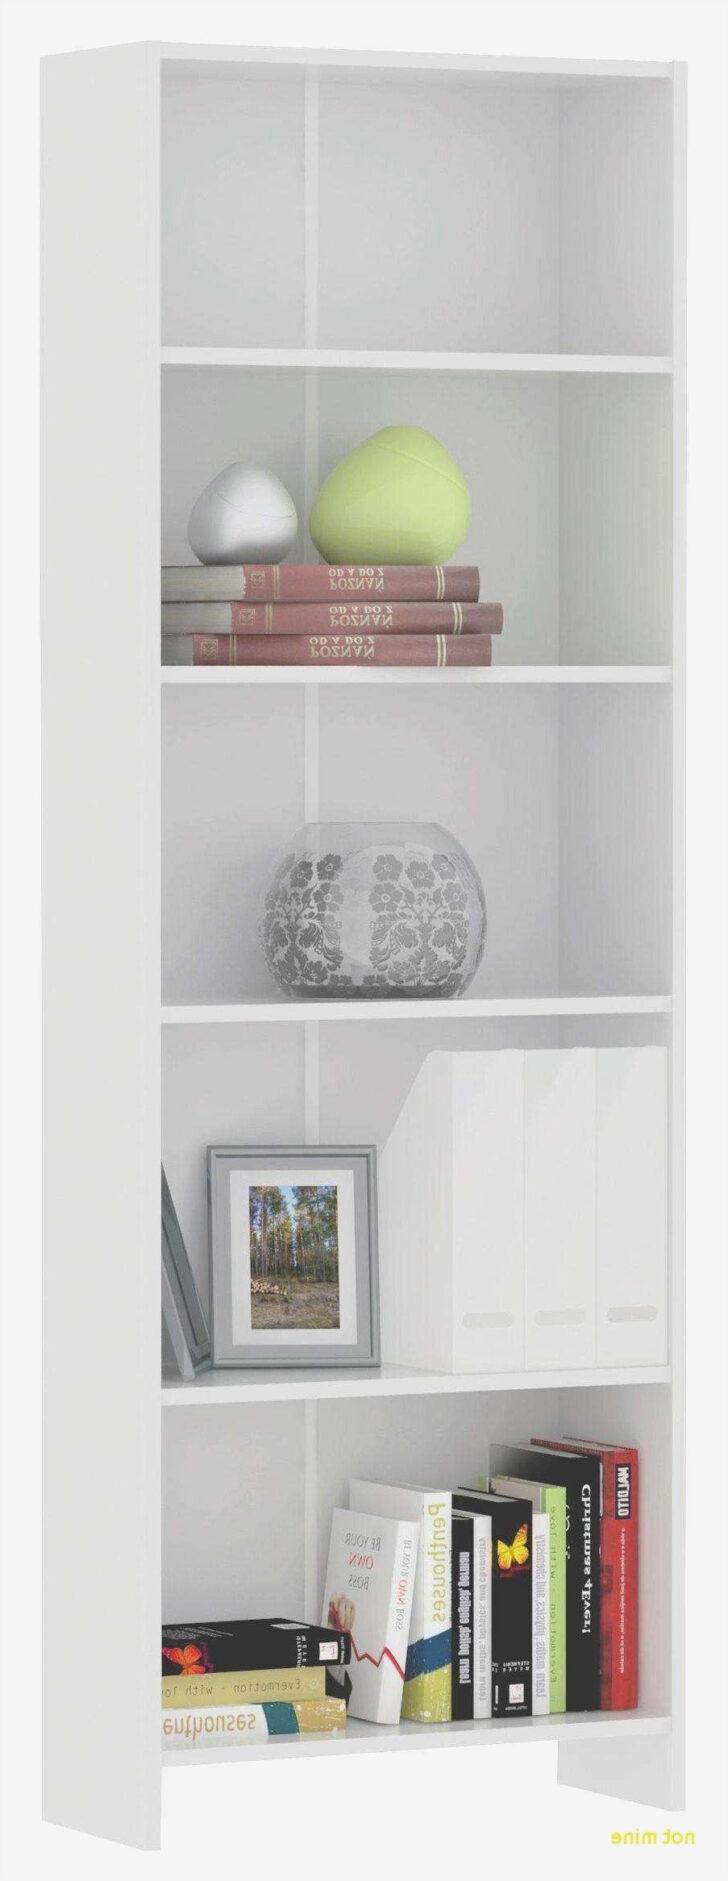 Medium Size of Aufbewahrung Mit Deckel Kinderzimmer Traumhaus Sofa Regal Weiß Regale Aufbewahrungsbox Garten Wohnzimmer Aufbewahrungsbox Kinderzimmer